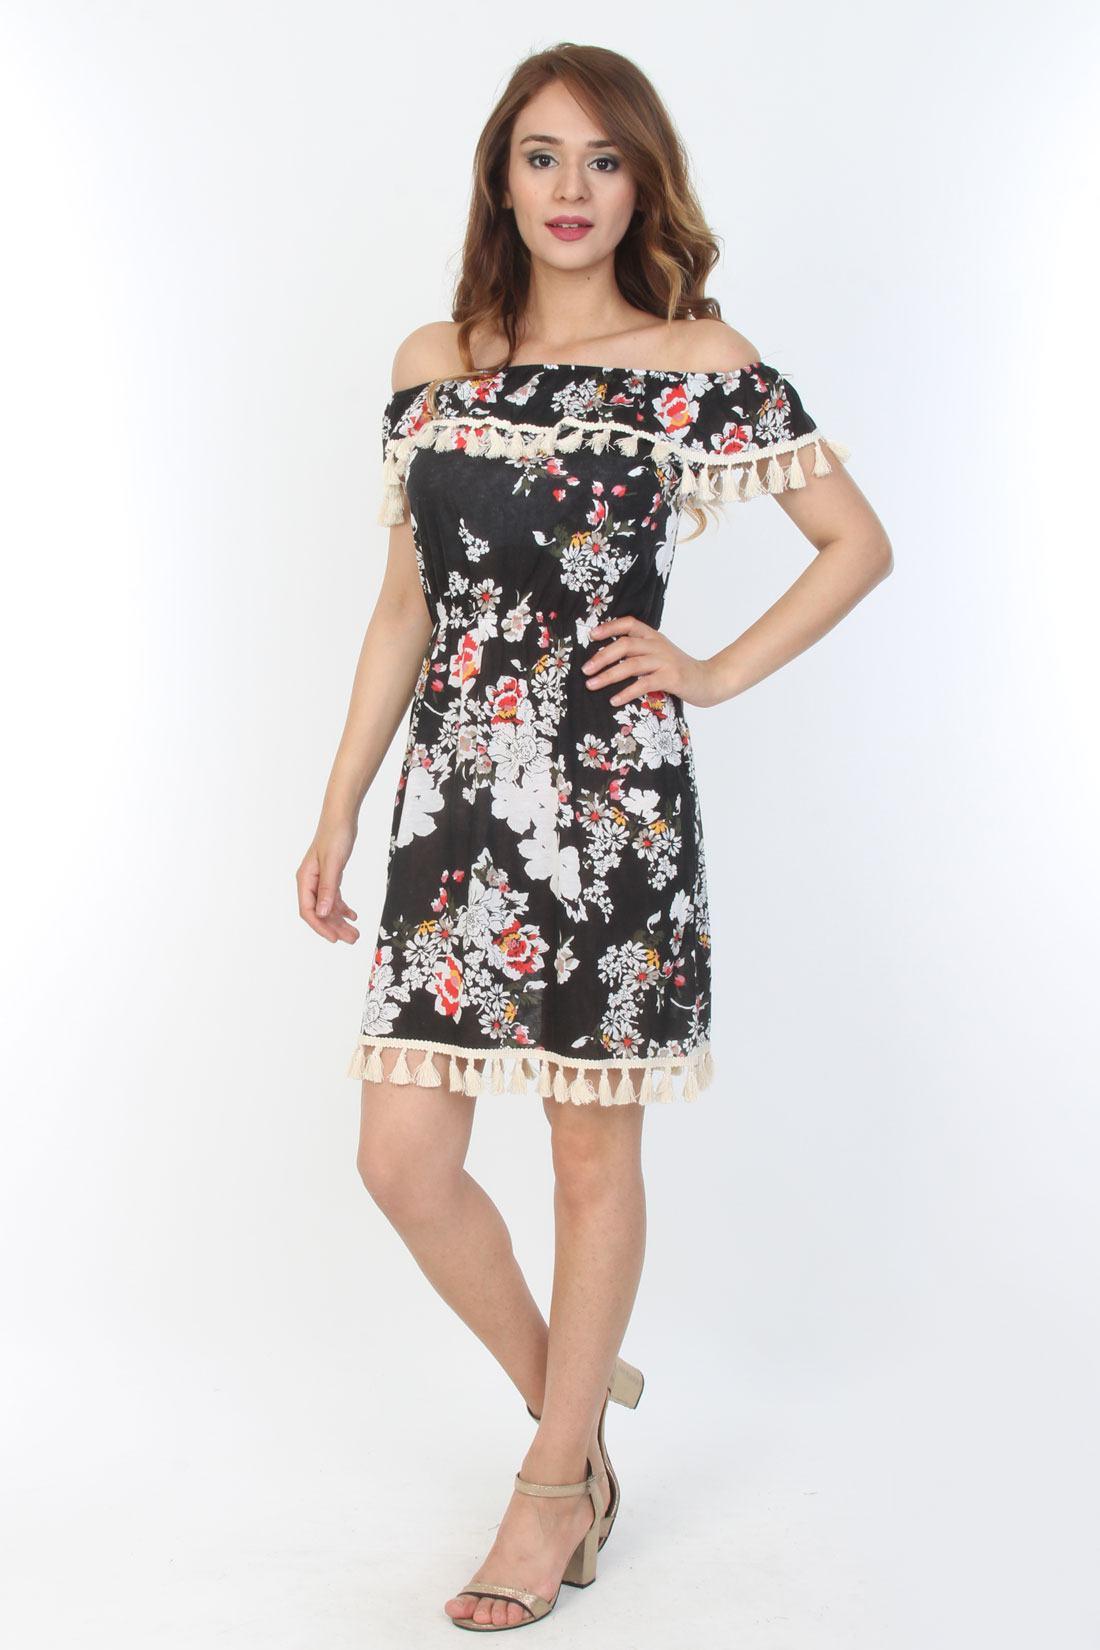 b21963a003532 Moda Royal Kısa Baskılı Desenli Elbise Dantel Detaylı - Glami.com.tr